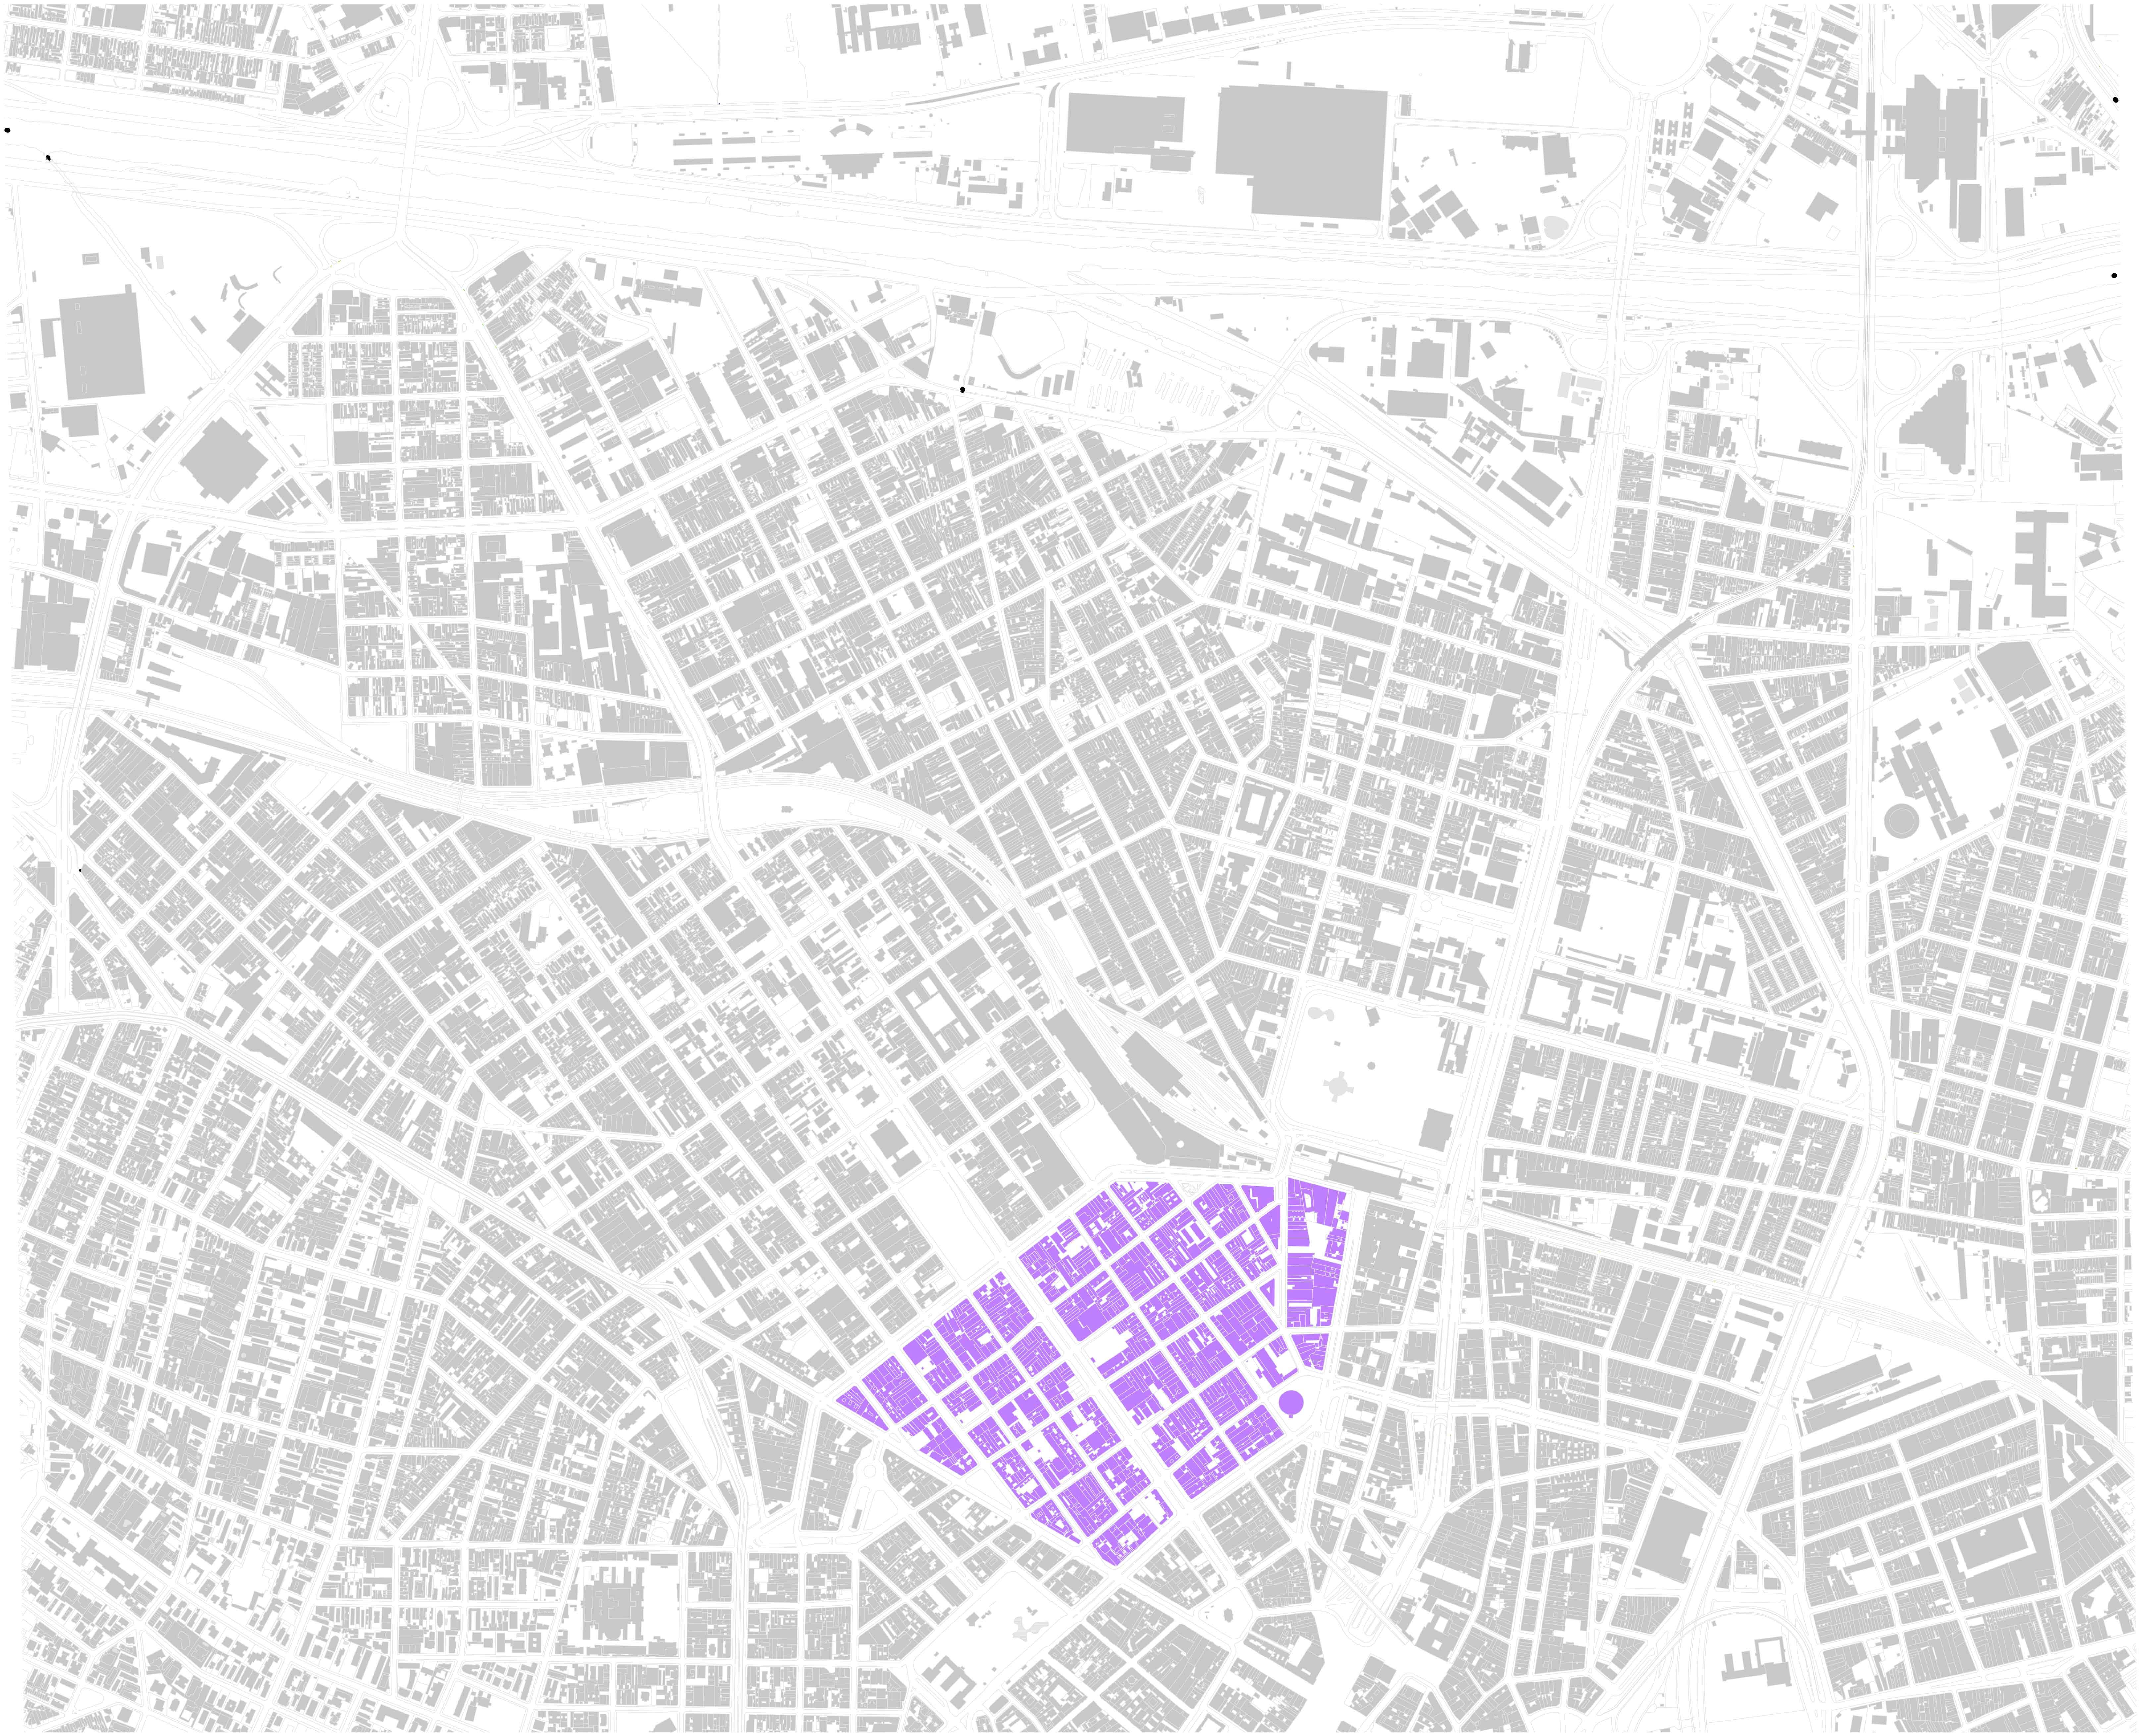 Nova Luz - Concessão Urbanística Nova Luz, 2009-2011 Escala: 1/20.000** – Elaboração do autor sobre base do MDC, Mapa Digital da Cidade de São Paulo. Fonte: Cf. PETRELLA, 2017.